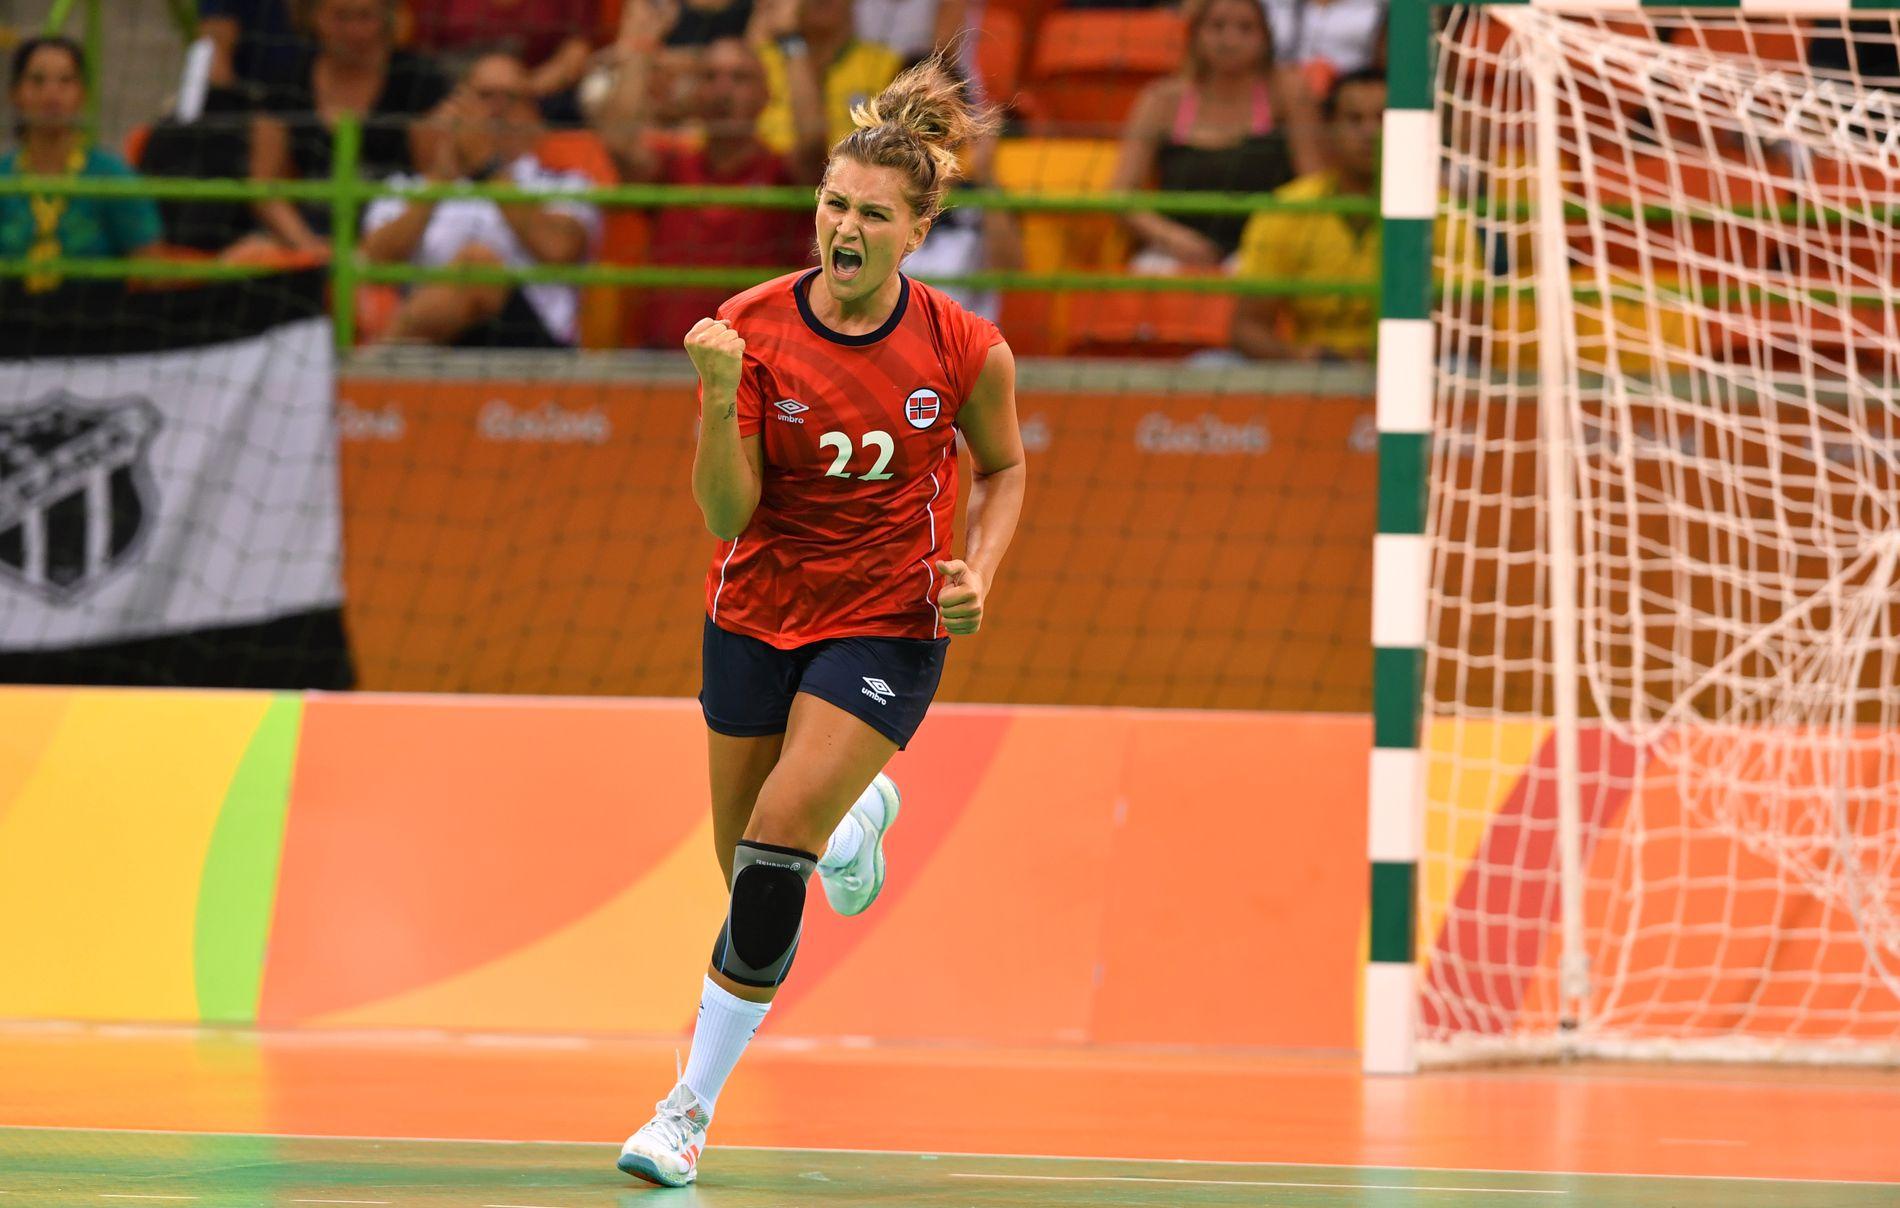 BYTTER KLUBB: Amanda Kurtovic bytter klubb fra rumenske CSM Bucuresti til ungarske Györ.